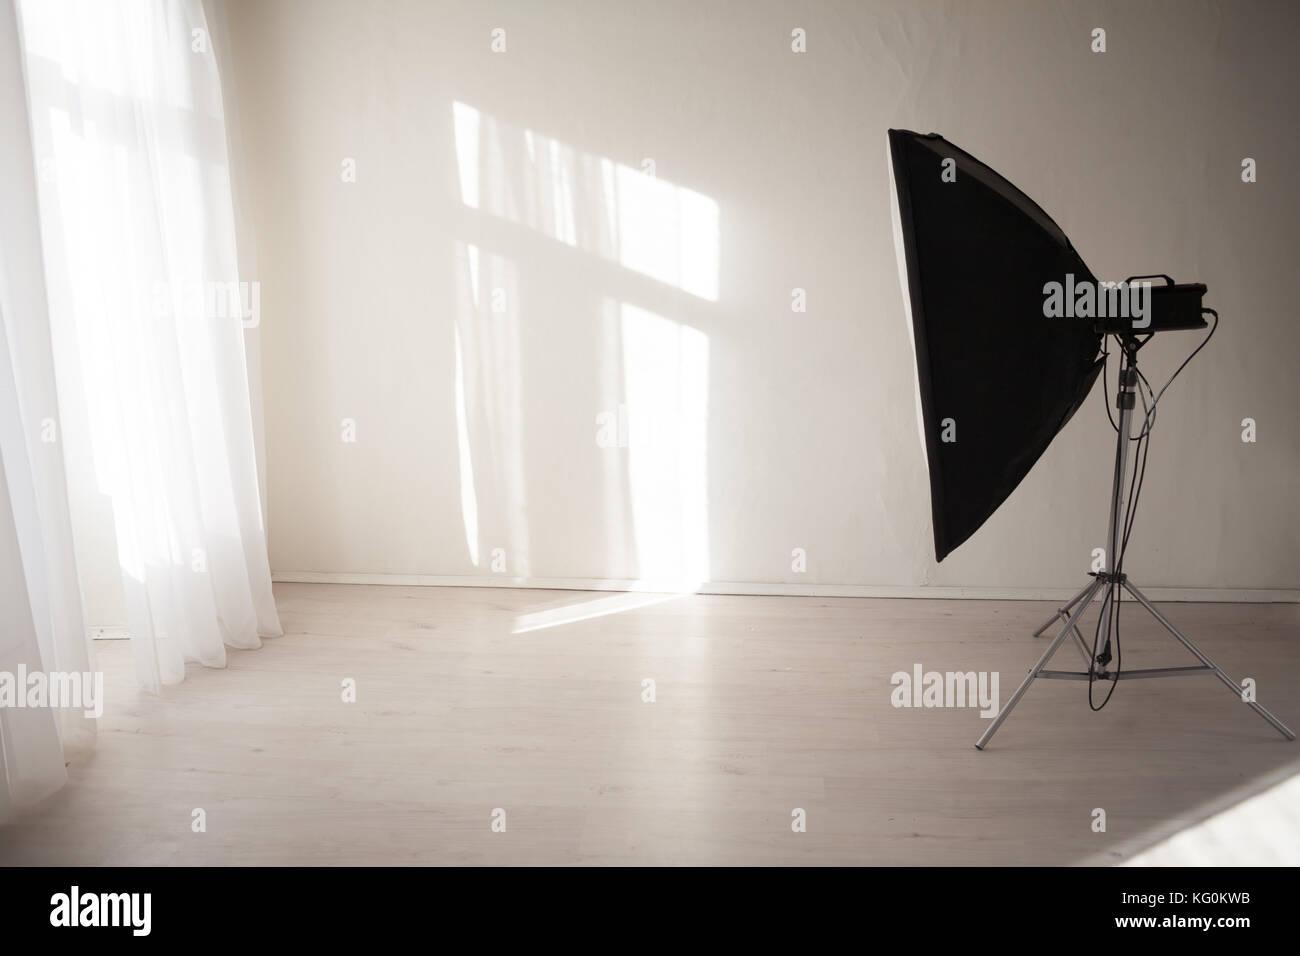 Flash white backgrounds Photo Studio decor - Stock Image